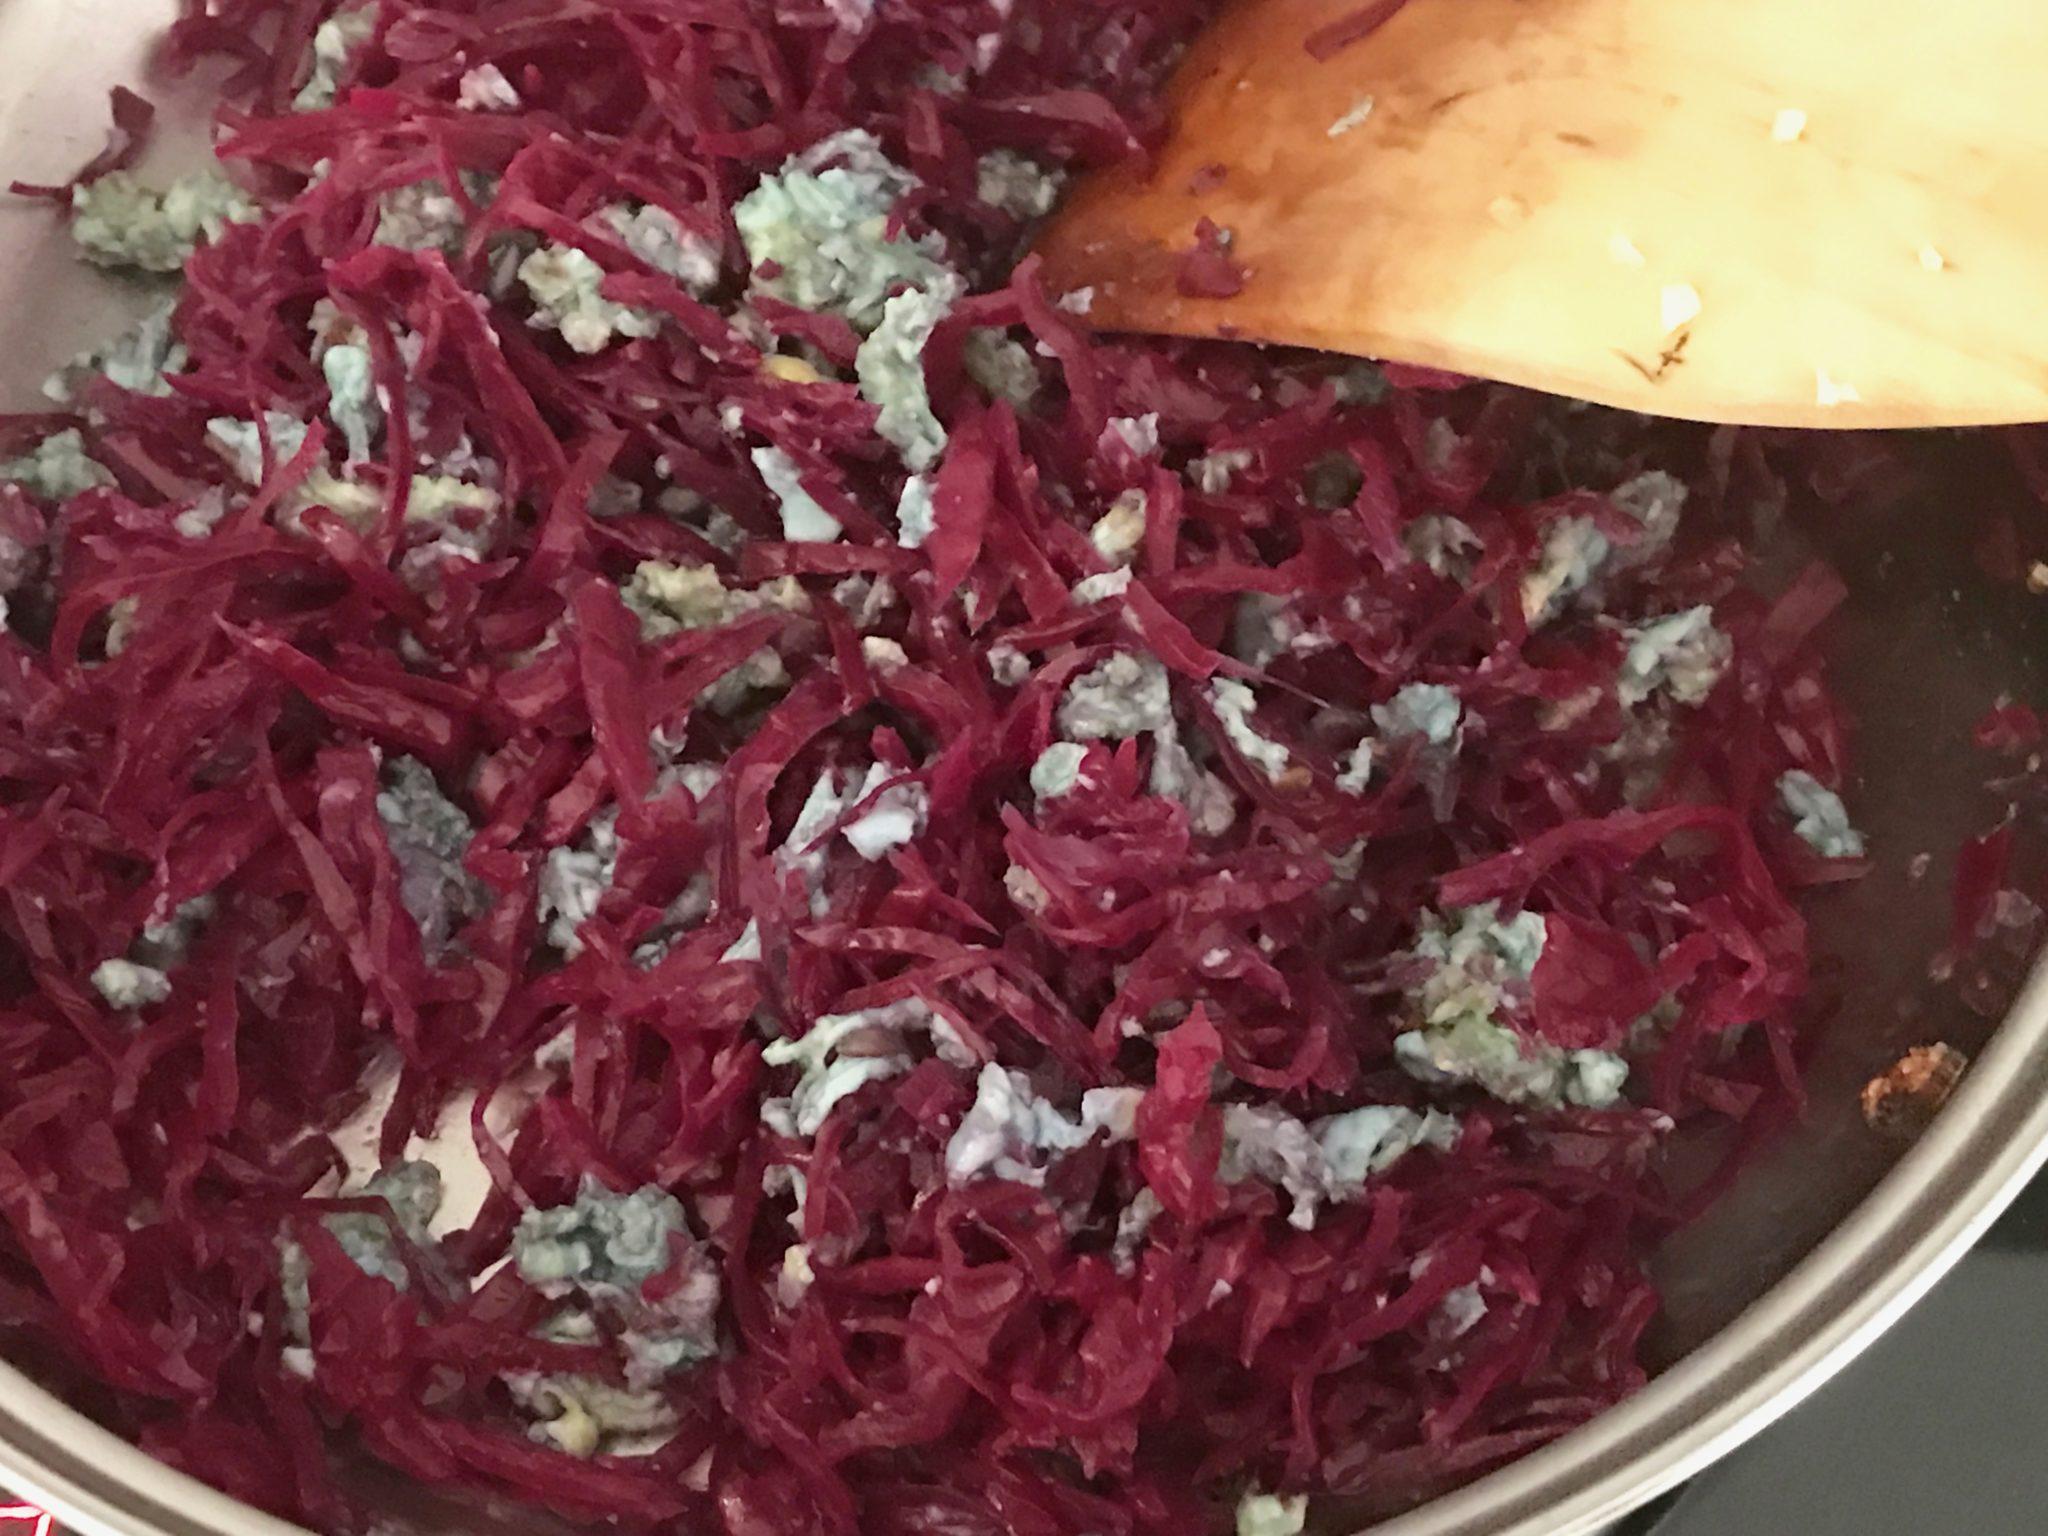 mix in the sauerkraut